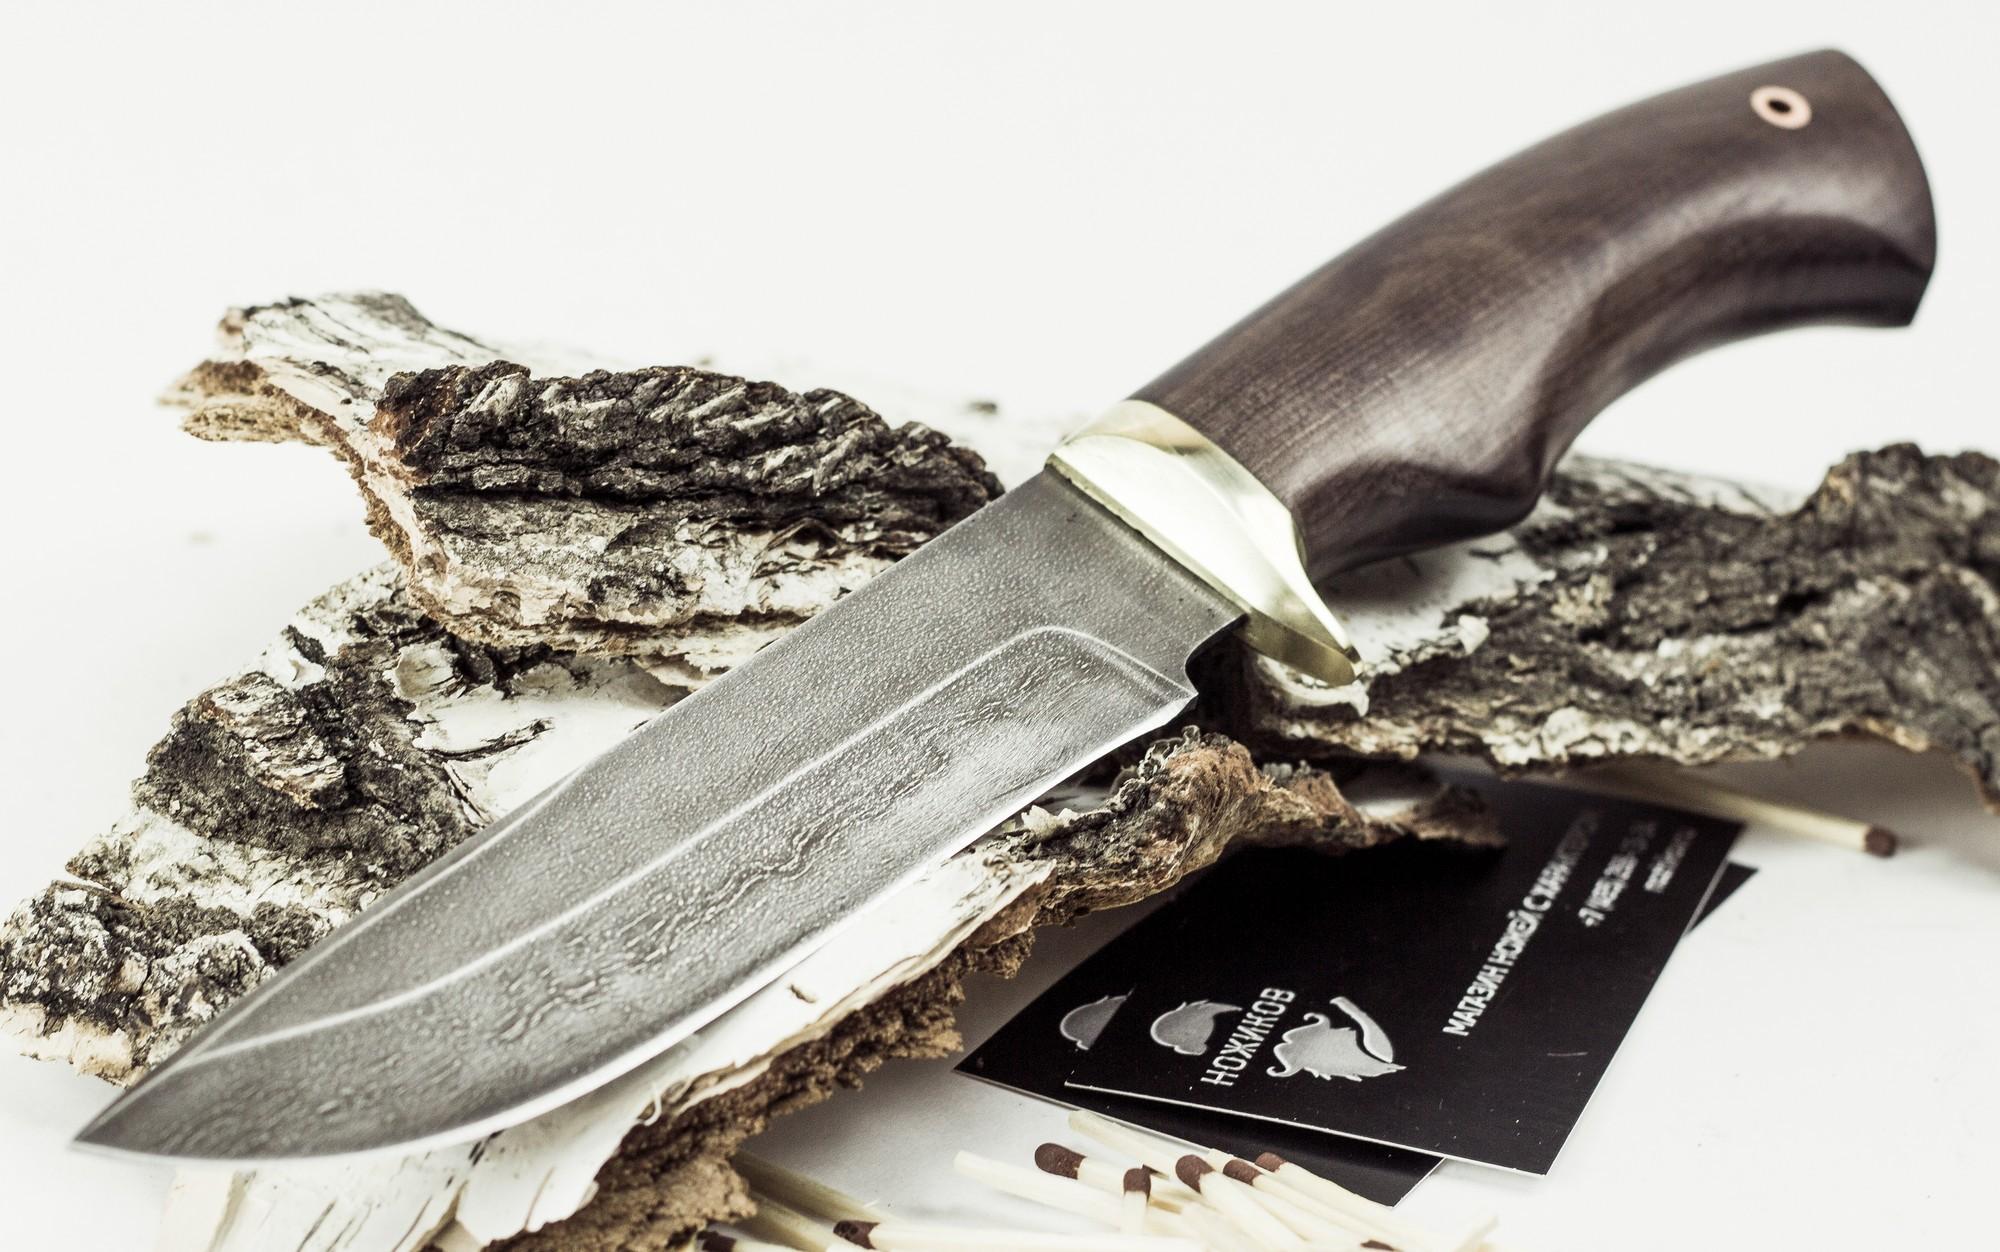 Фото 2 - Нож Викинг-2, ХВ5 от Промтехснаб